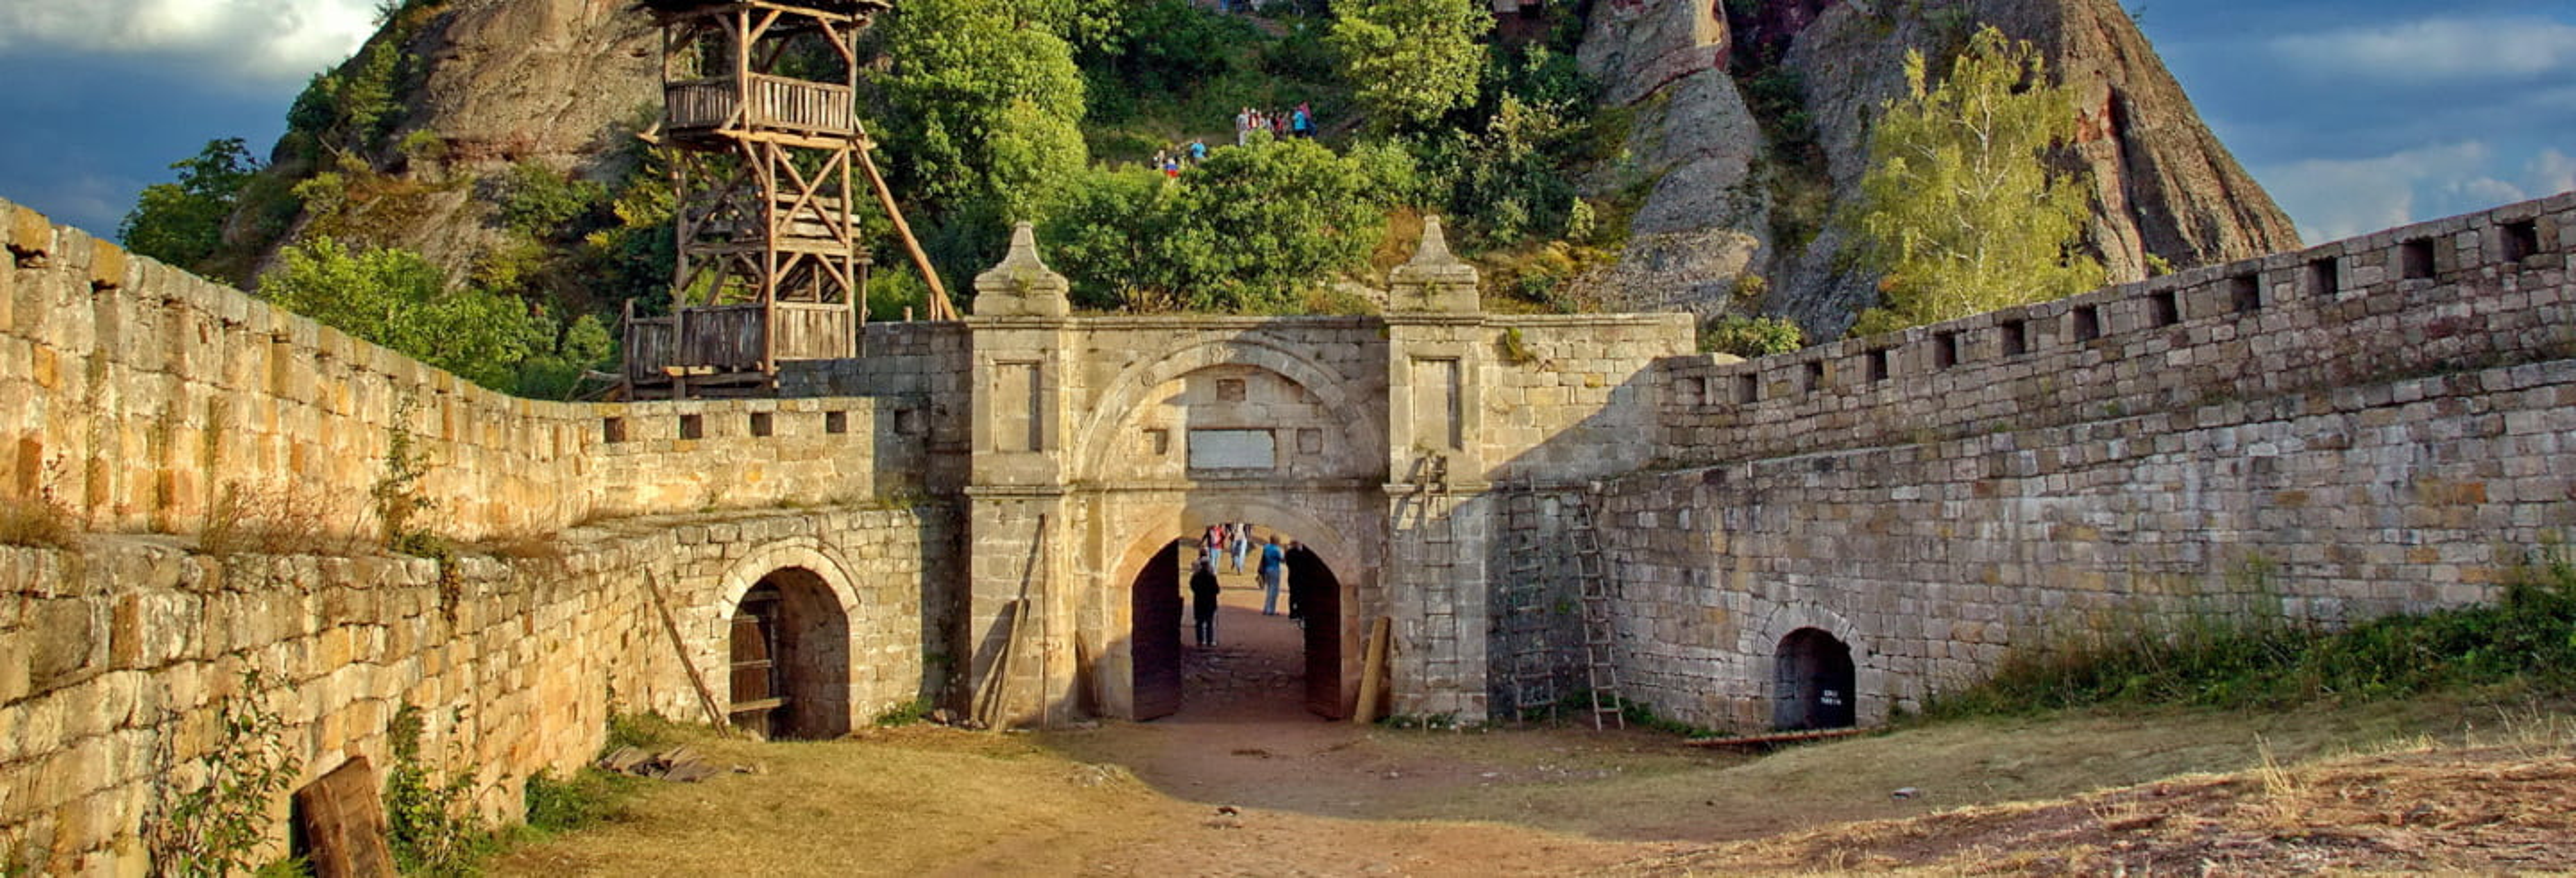 Excursion aux roches de Belogradchik et à sa forteresse